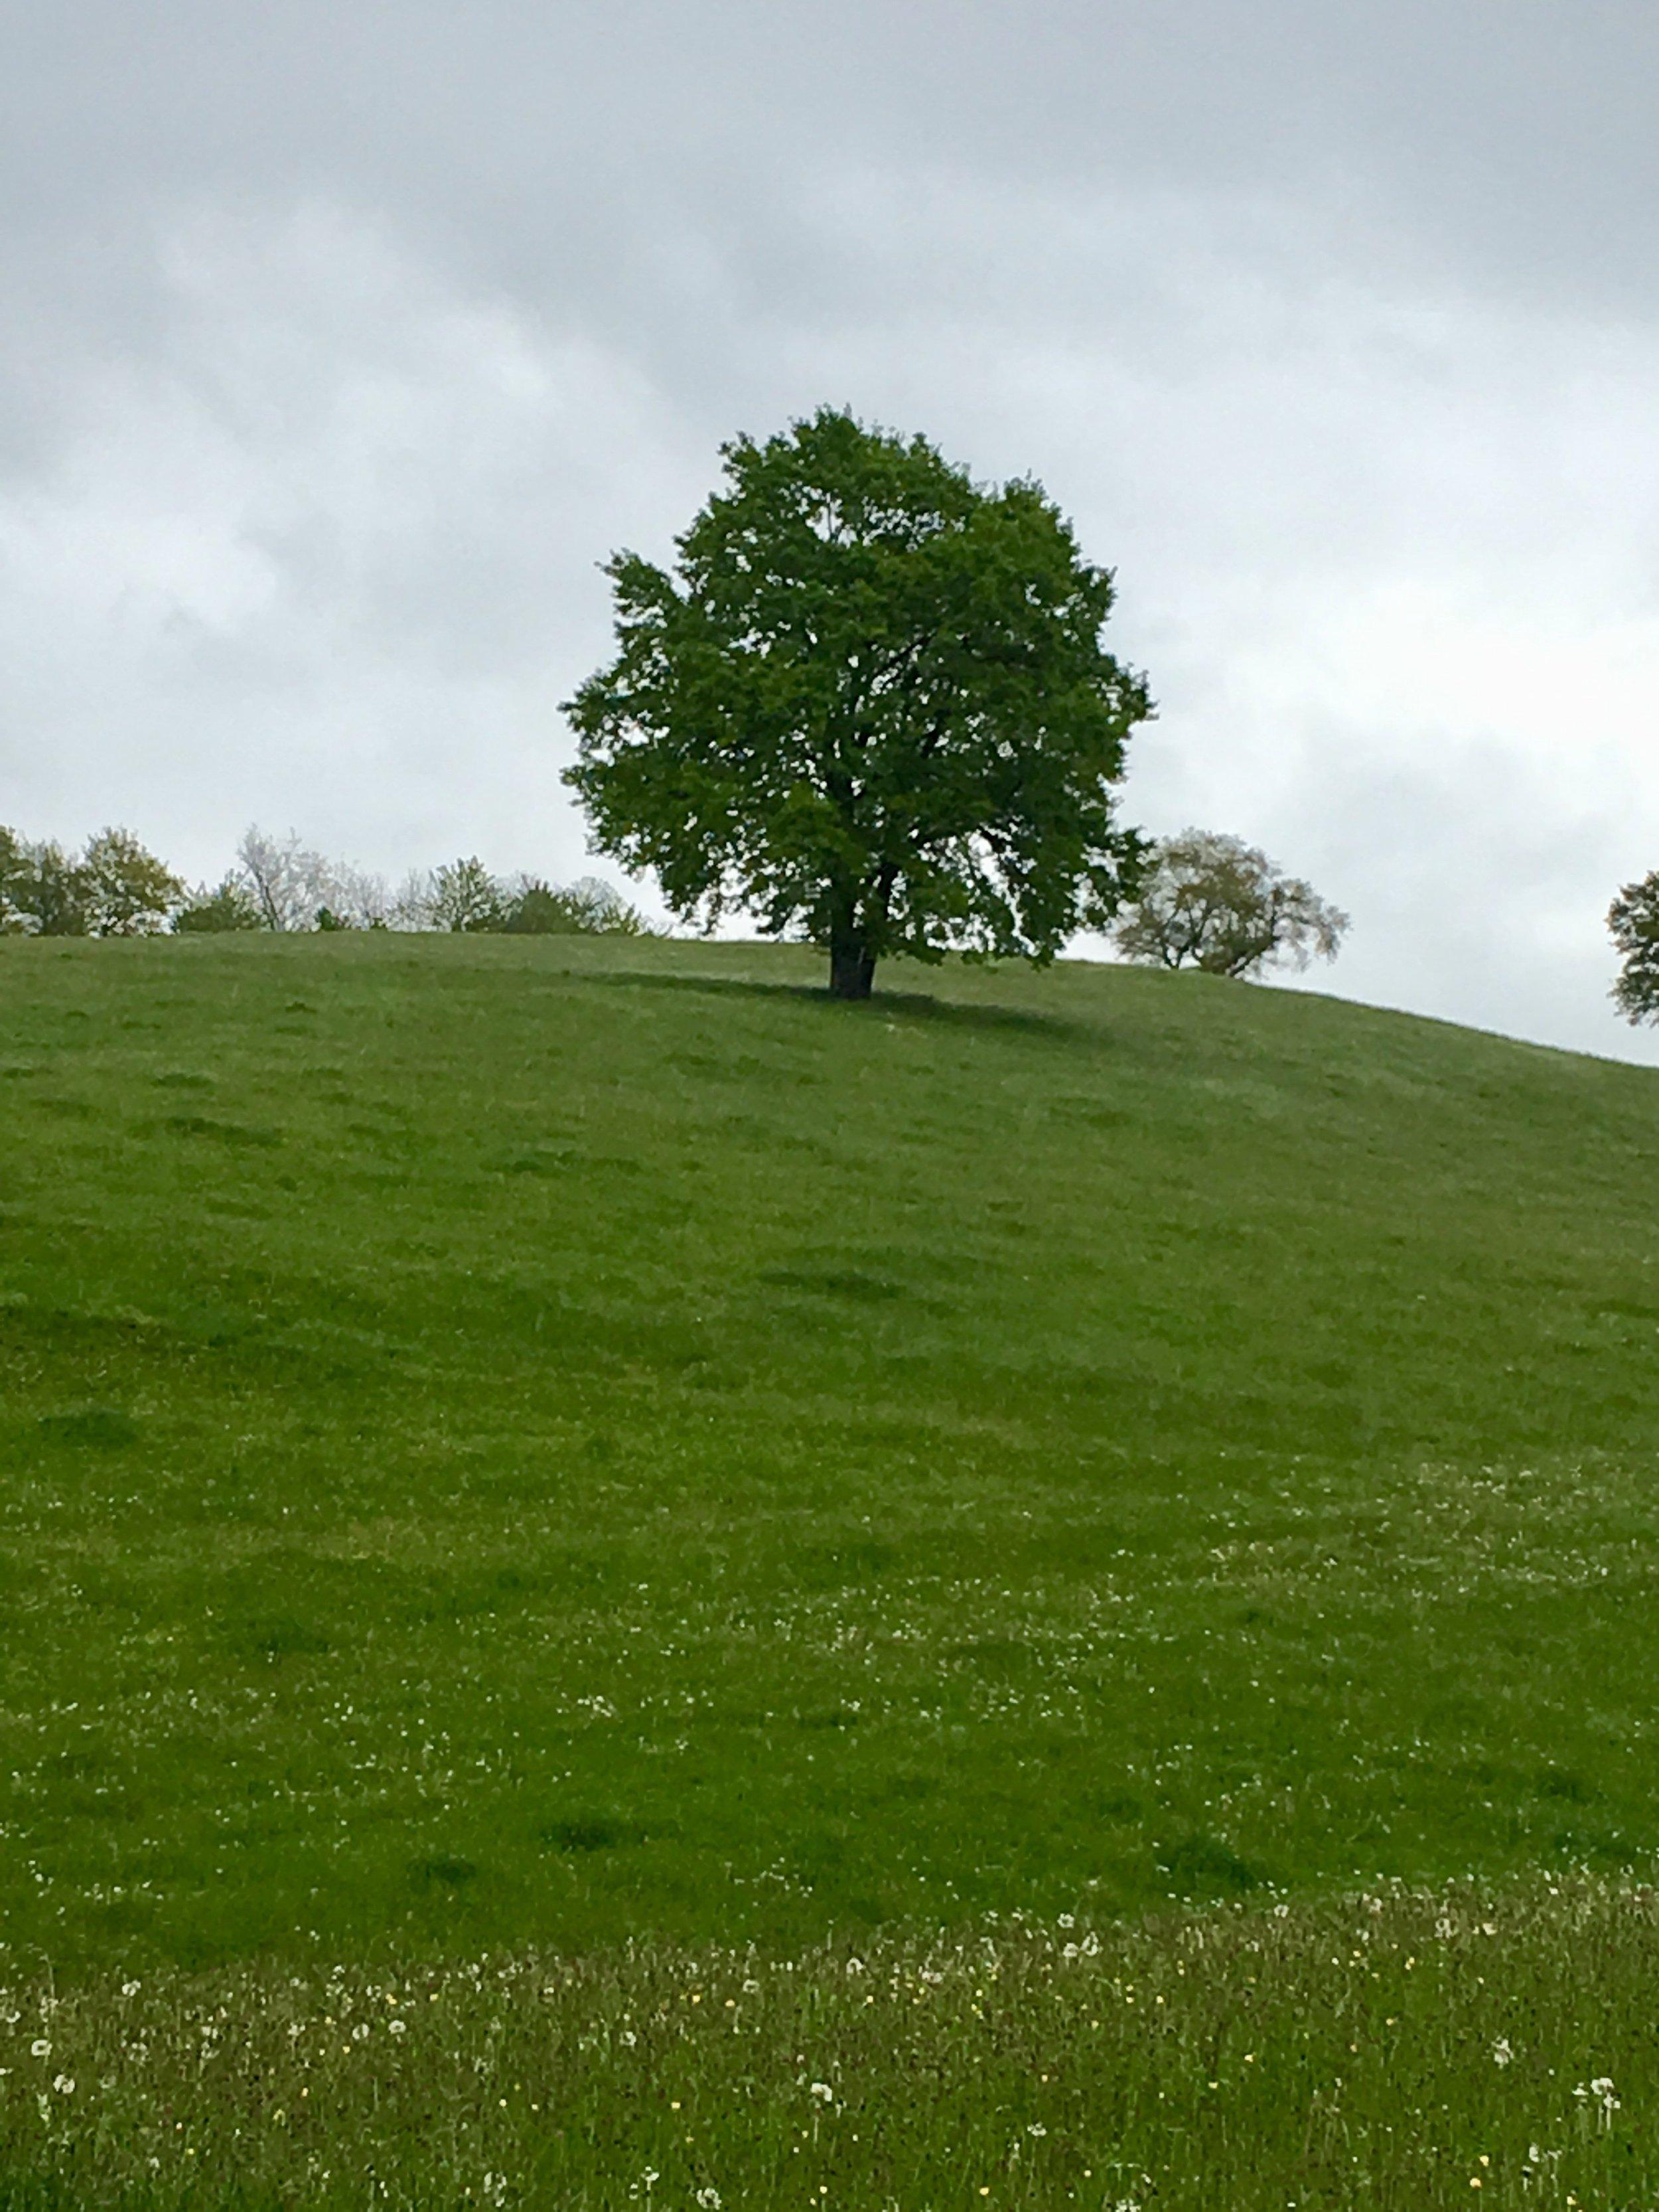 Die Herberge auf dem vorigen Bild war eine Herausforderung, zu sechst auf etwa 9m2…..,  die Natur war immer und überall schön